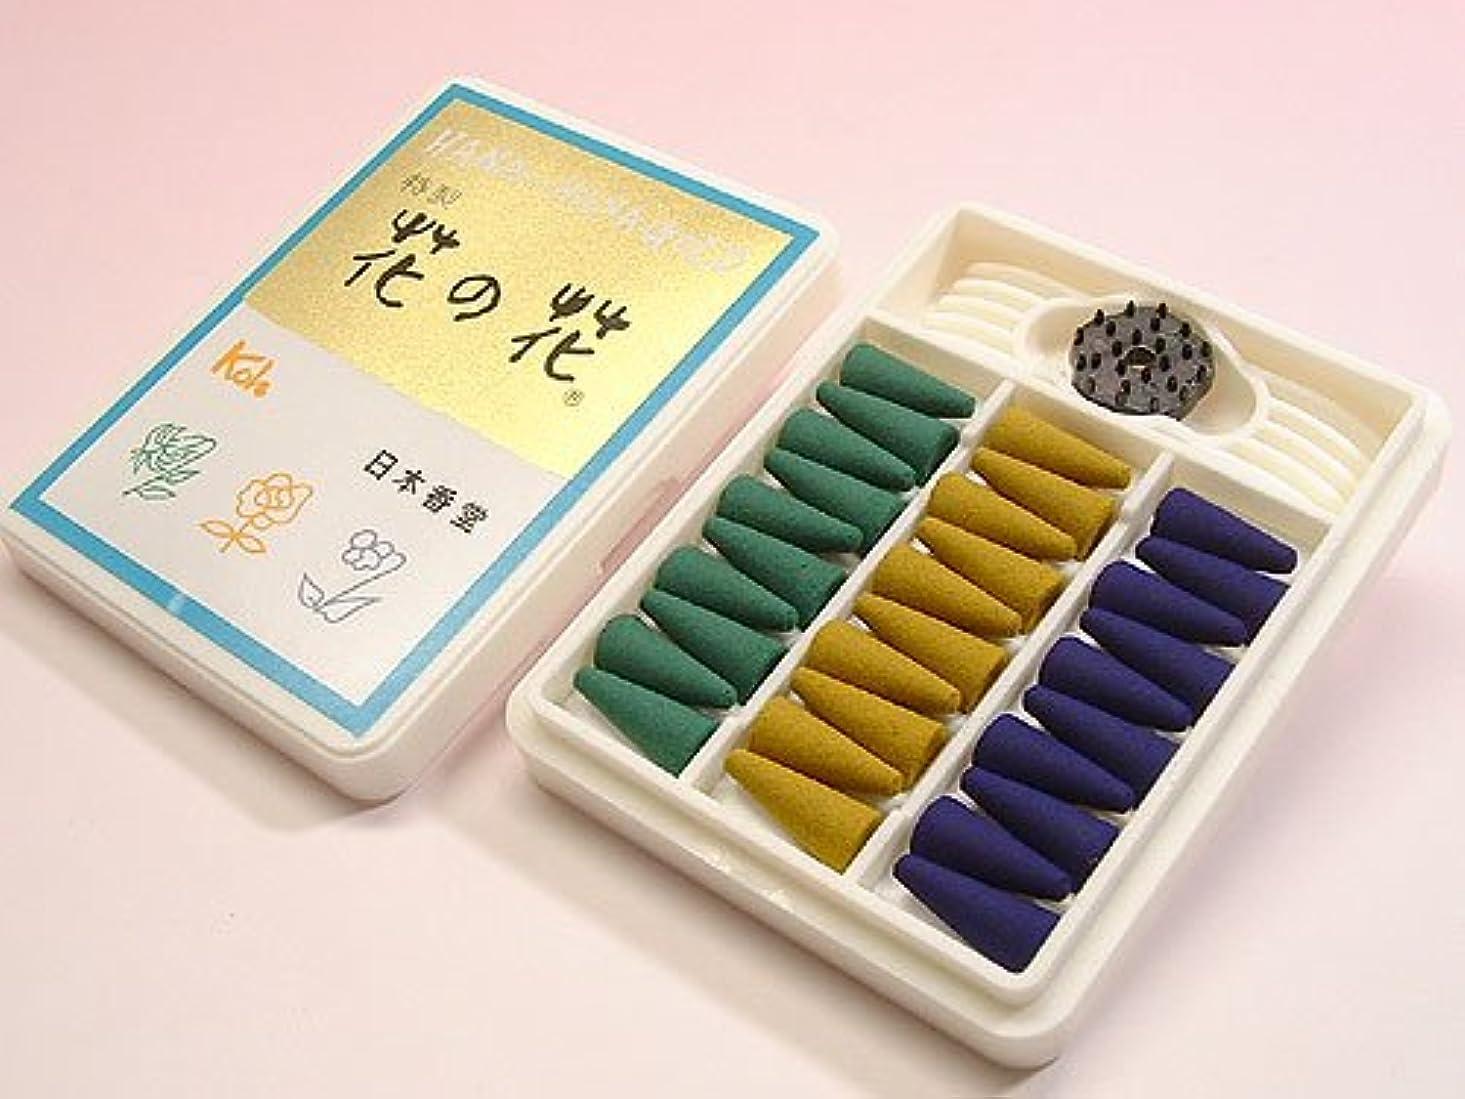 失敗石膏食料品店【日本香堂 お香】 特製花の花 コーン型30個入